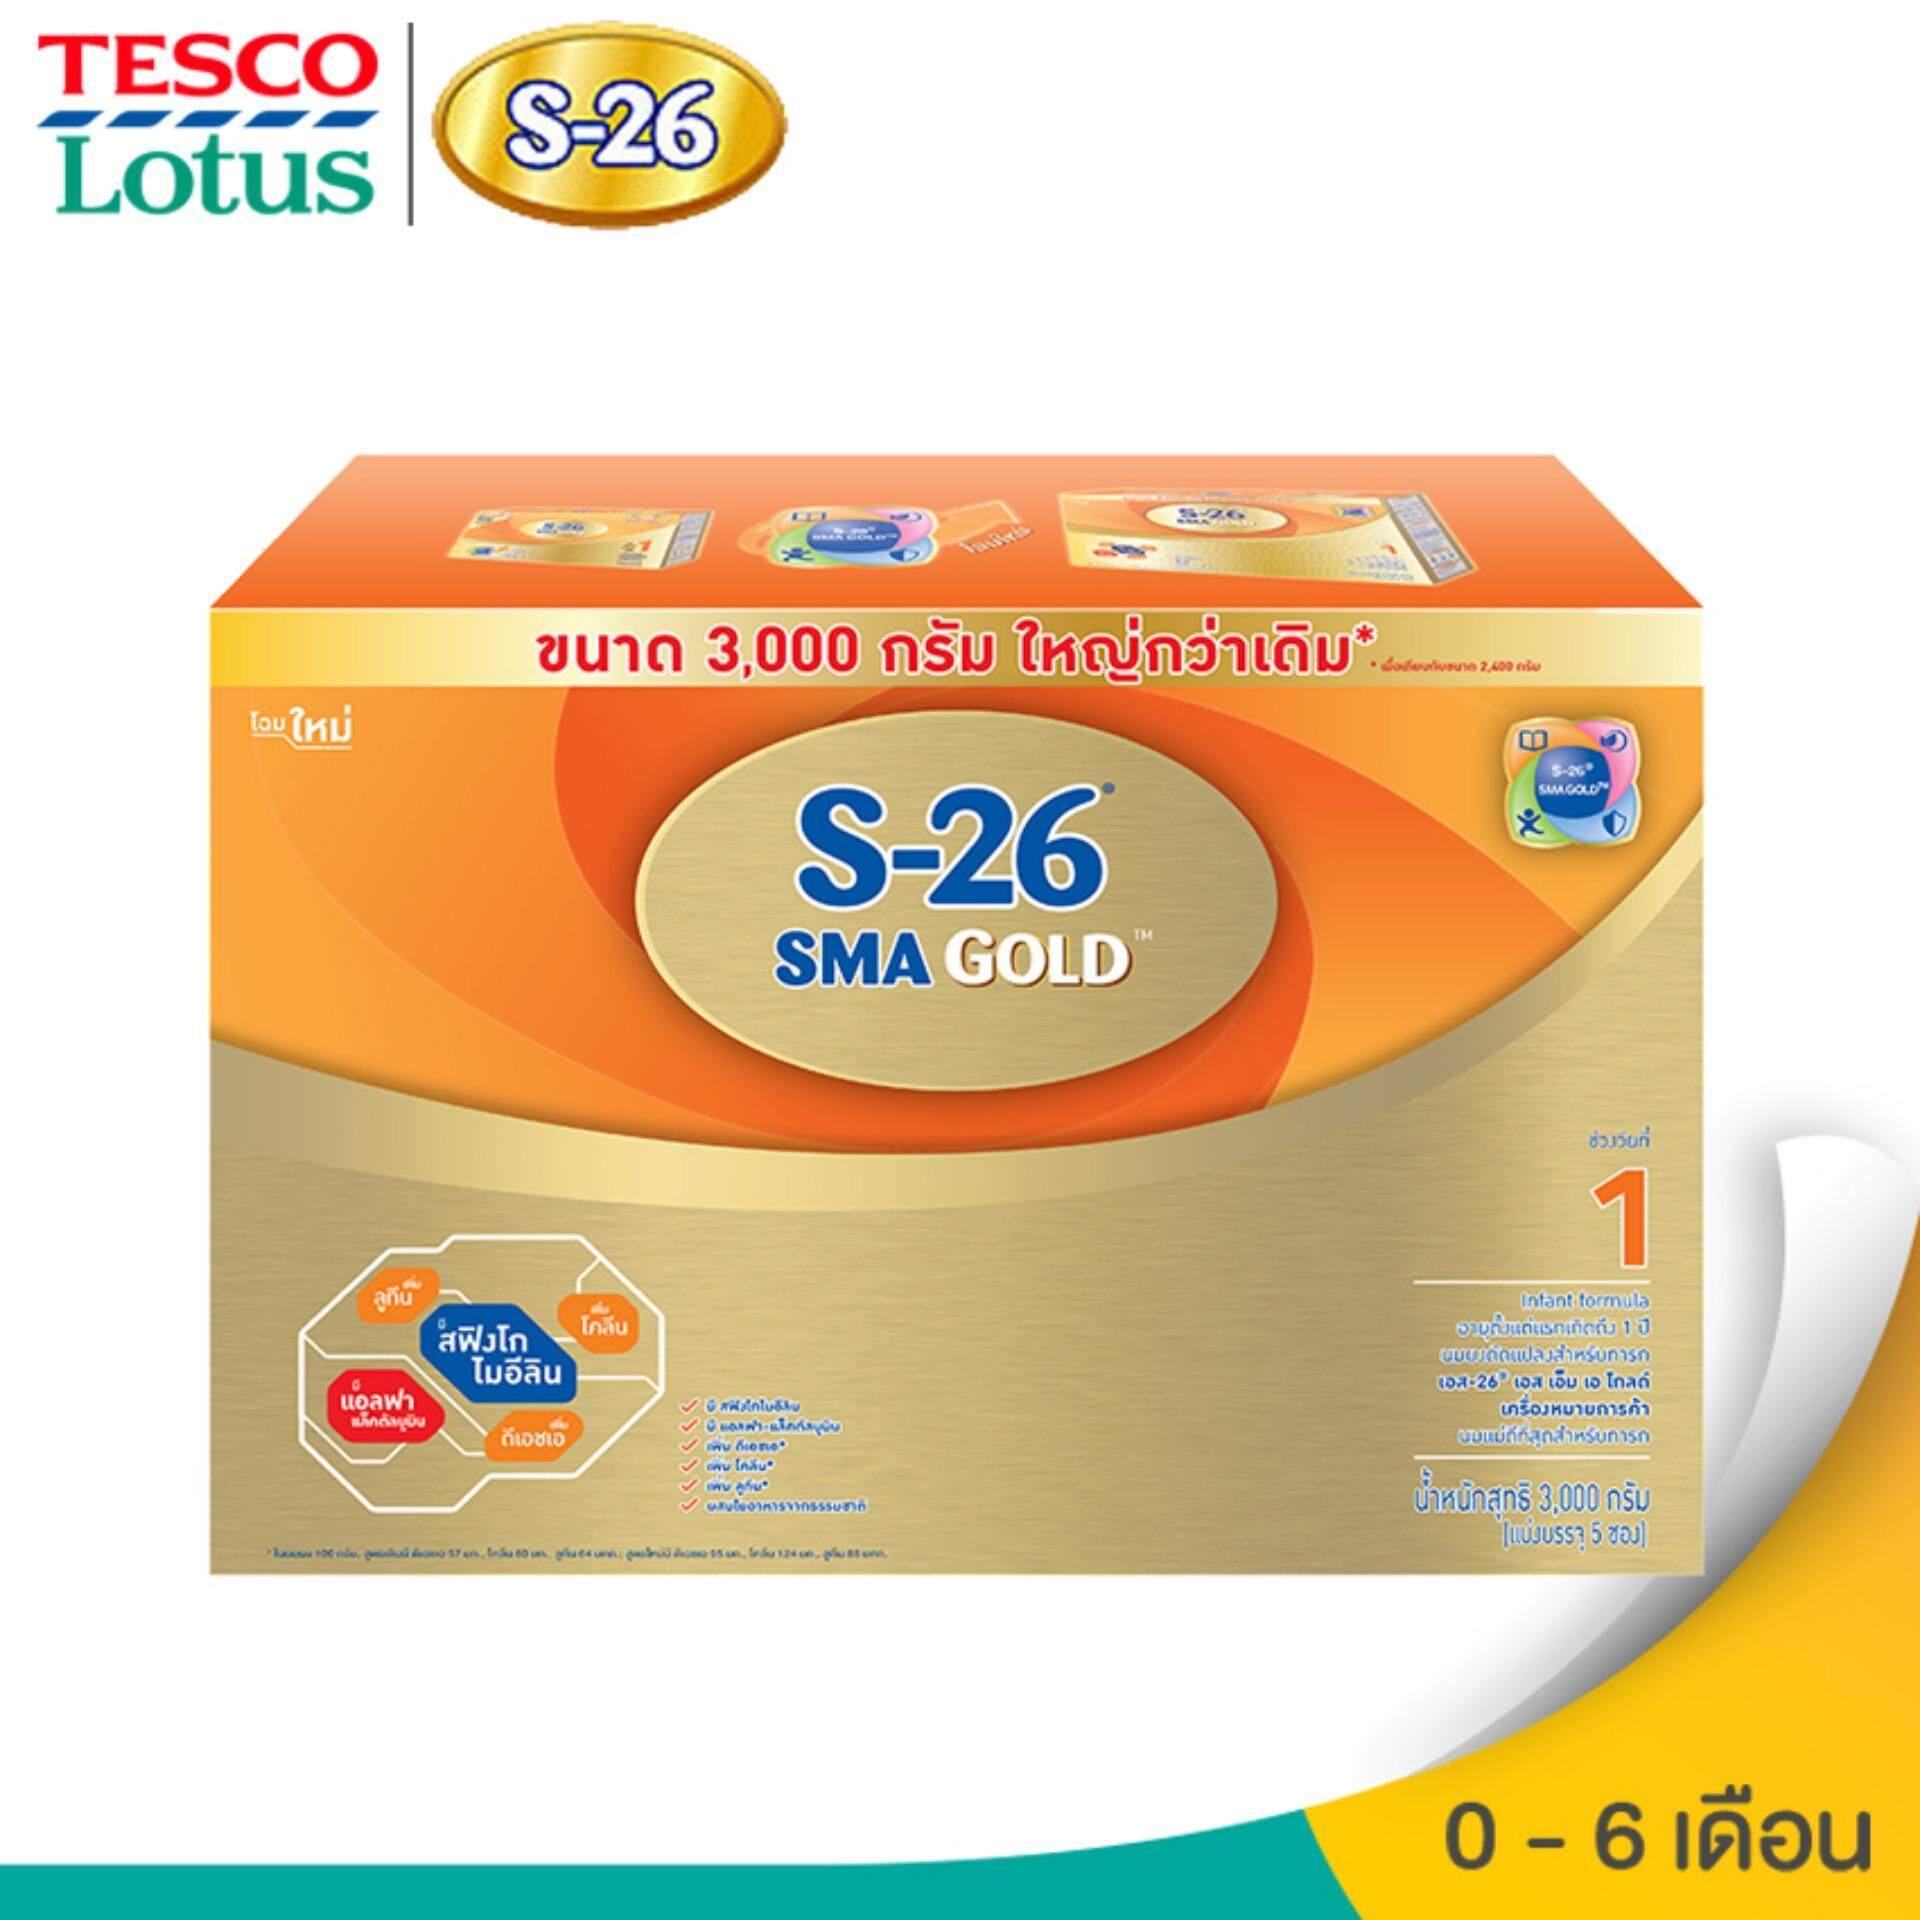 ซื้อ  S-26 เอส26 นมผงสำหรับทารก ช่วงวัยที่ 1 โกลด์ ลูทีน 3000 กรัม   รีวิว ของแท้